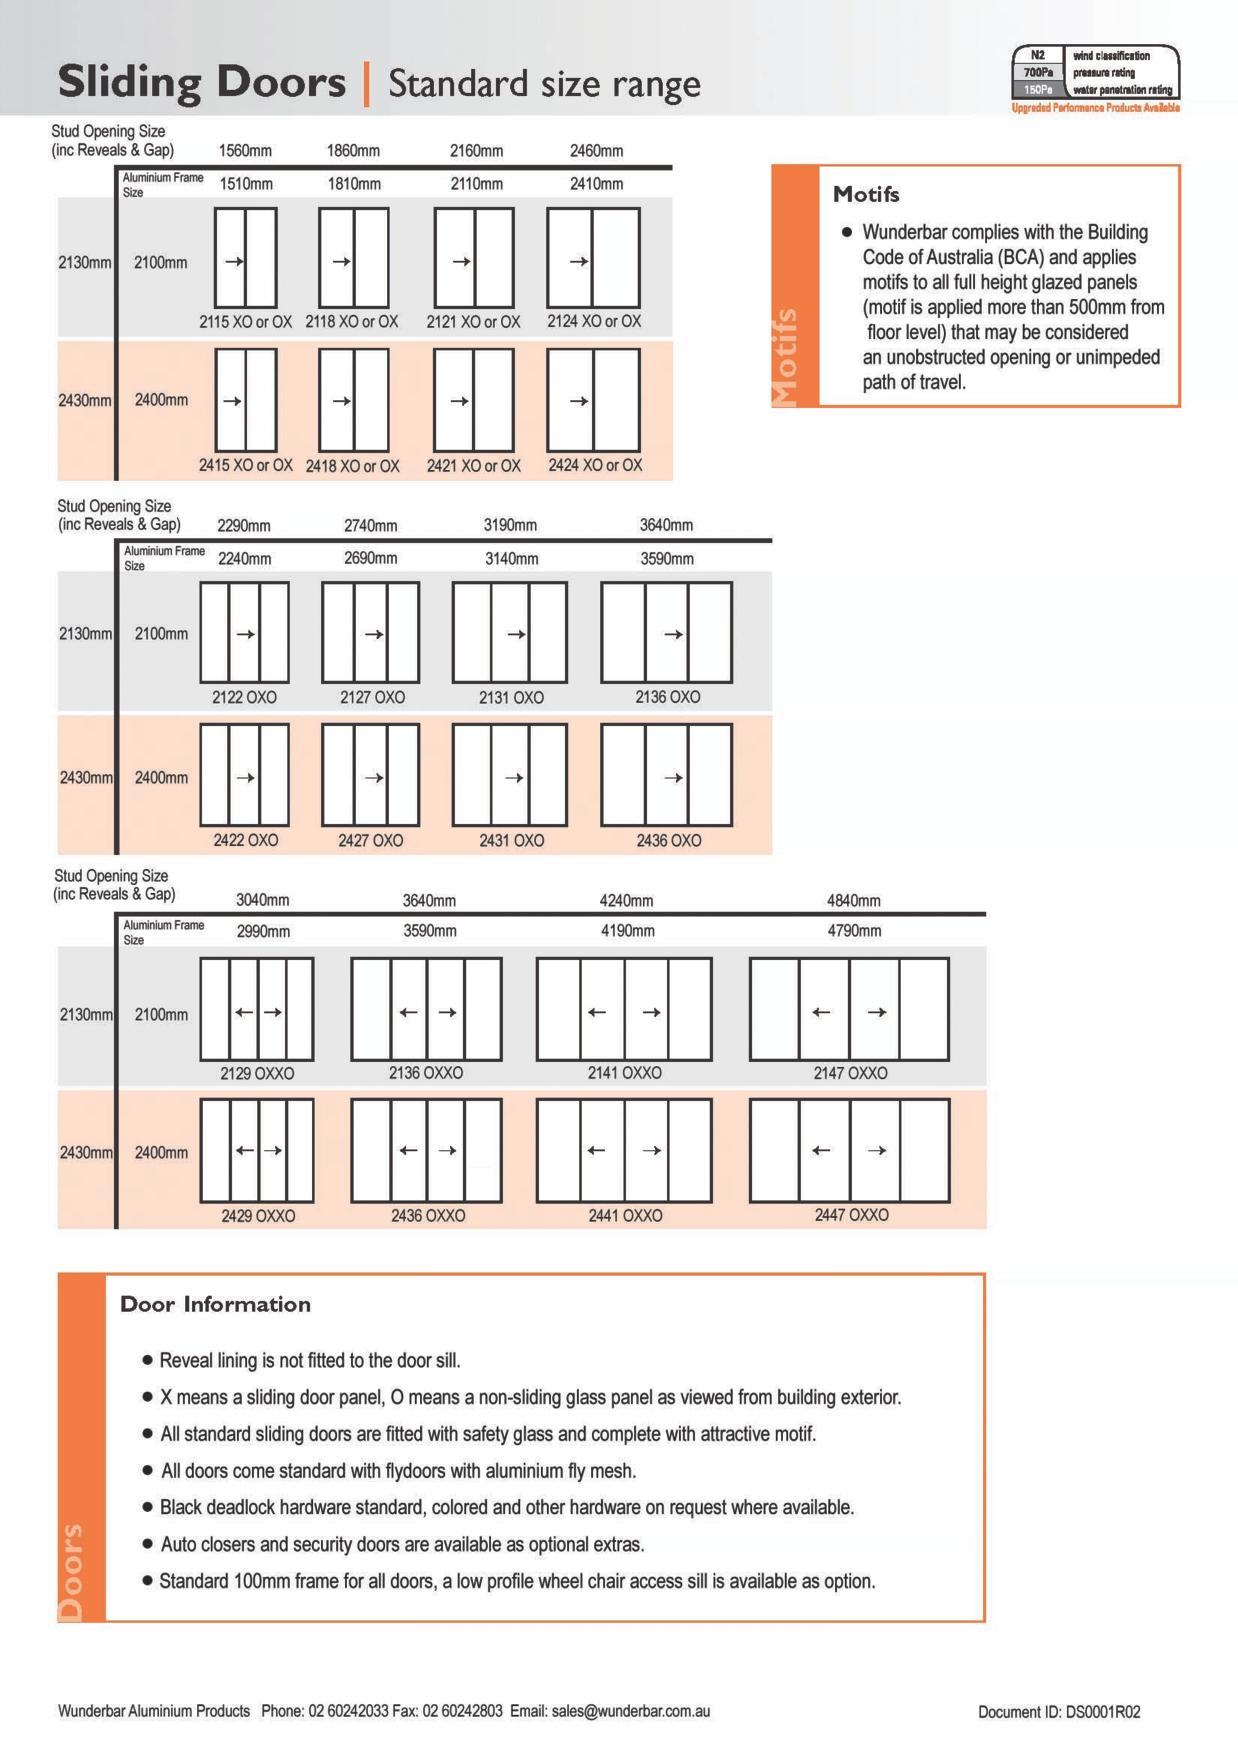 Glass Sliding Doors Standard Sizes